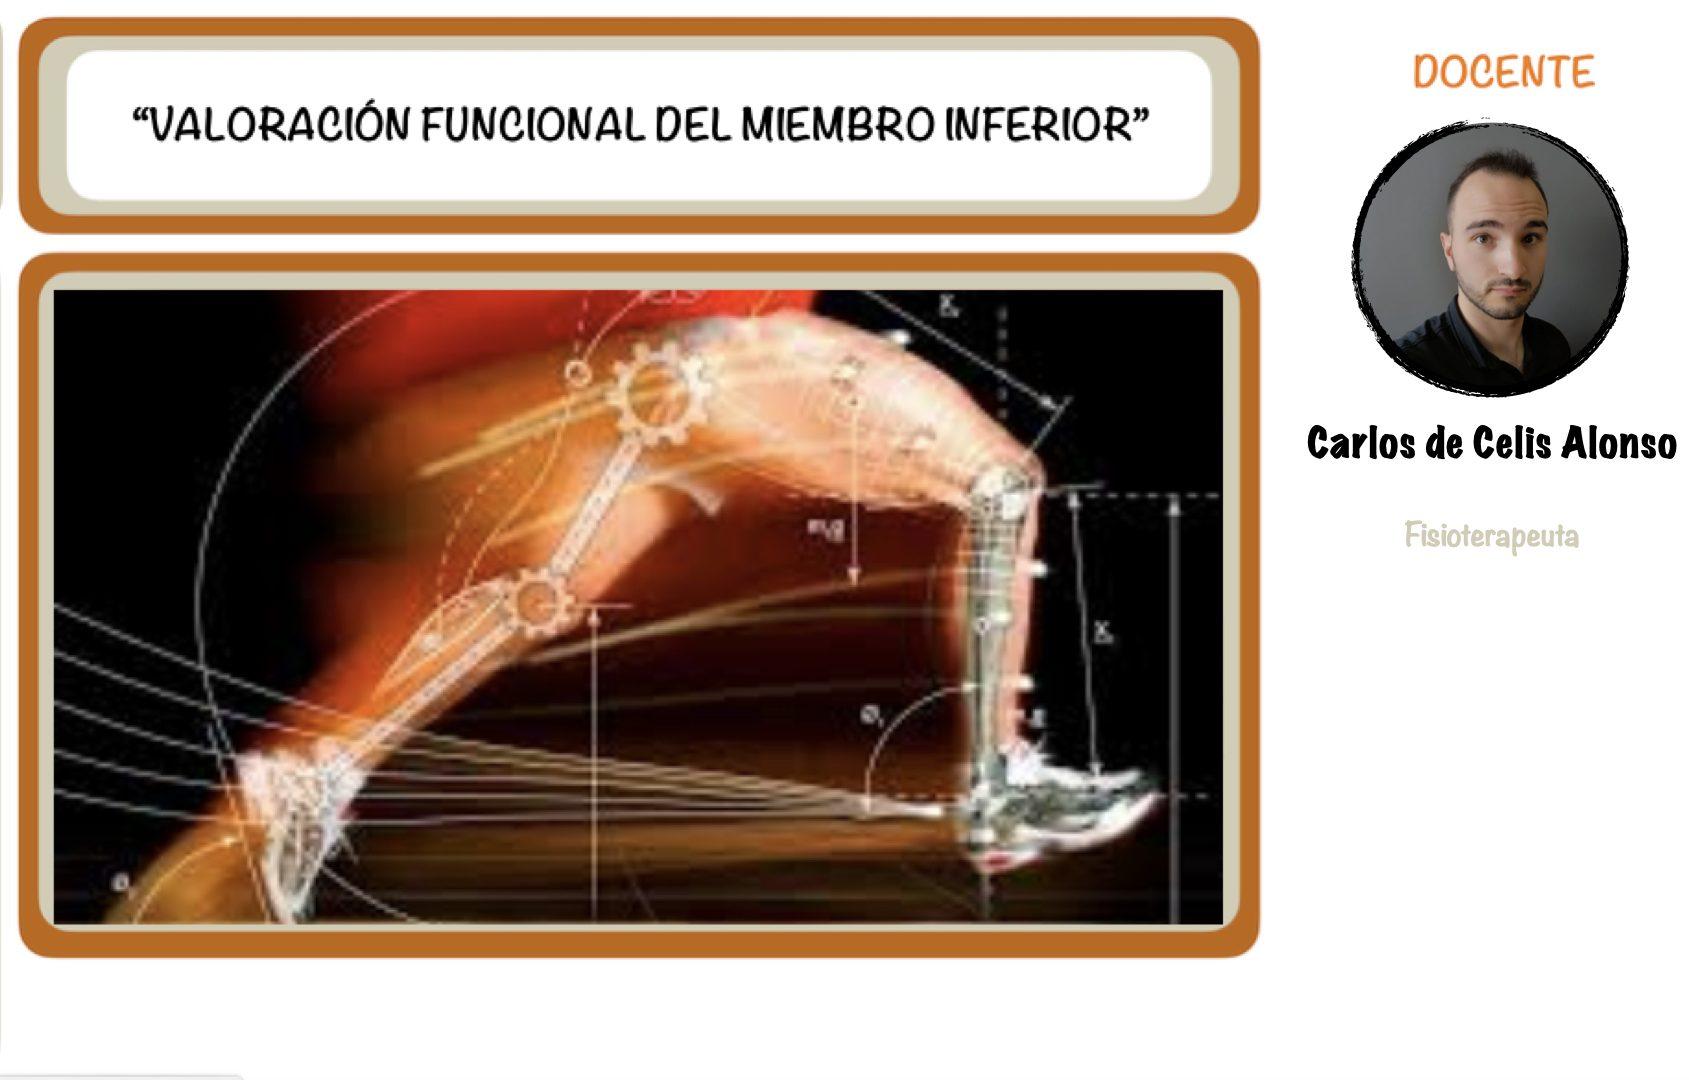 VALORACIÓN FUNCIONAL DEL MIEMBRO INFERIOR